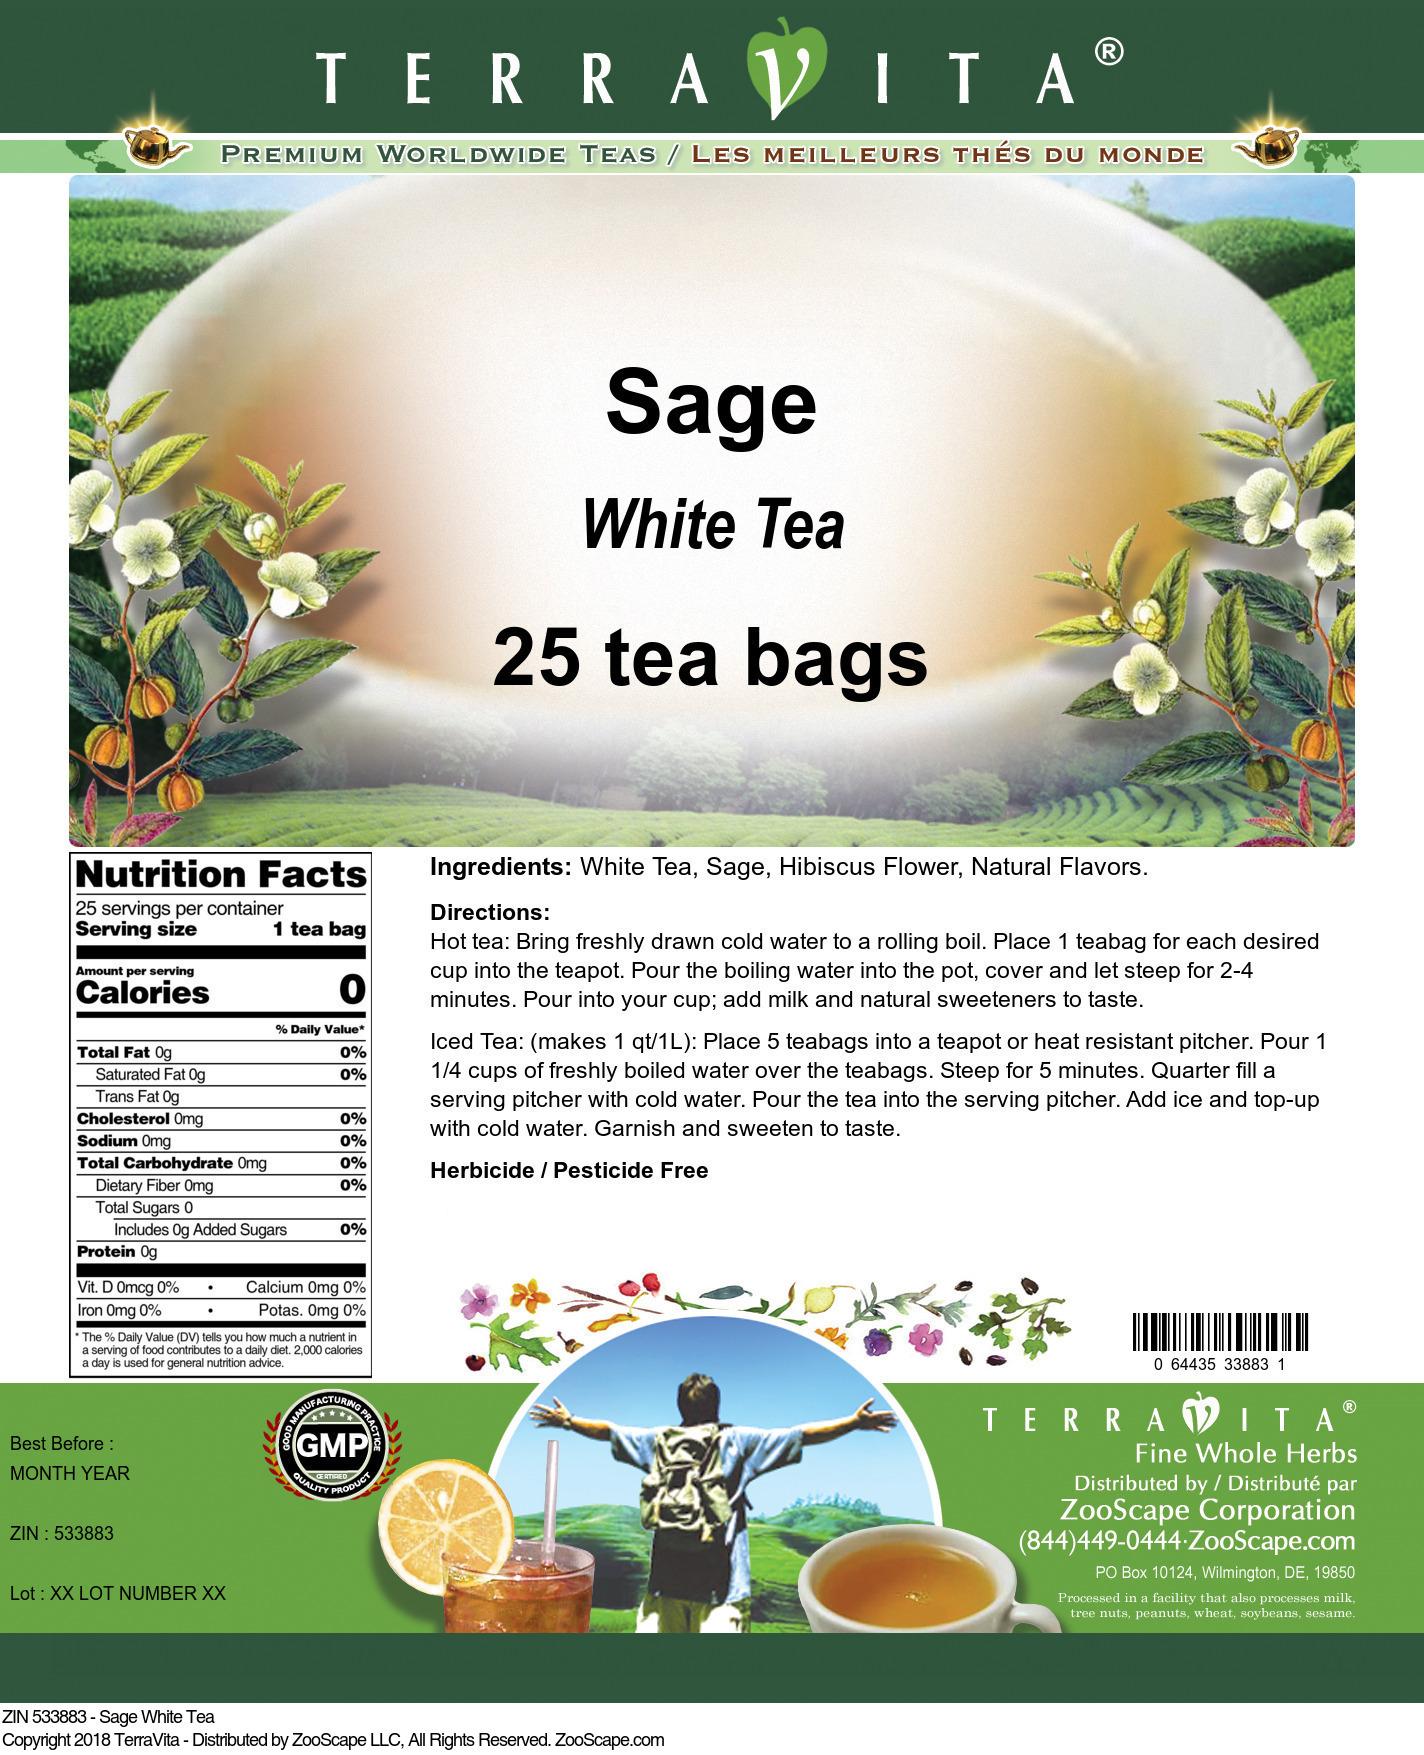 Sage White Tea